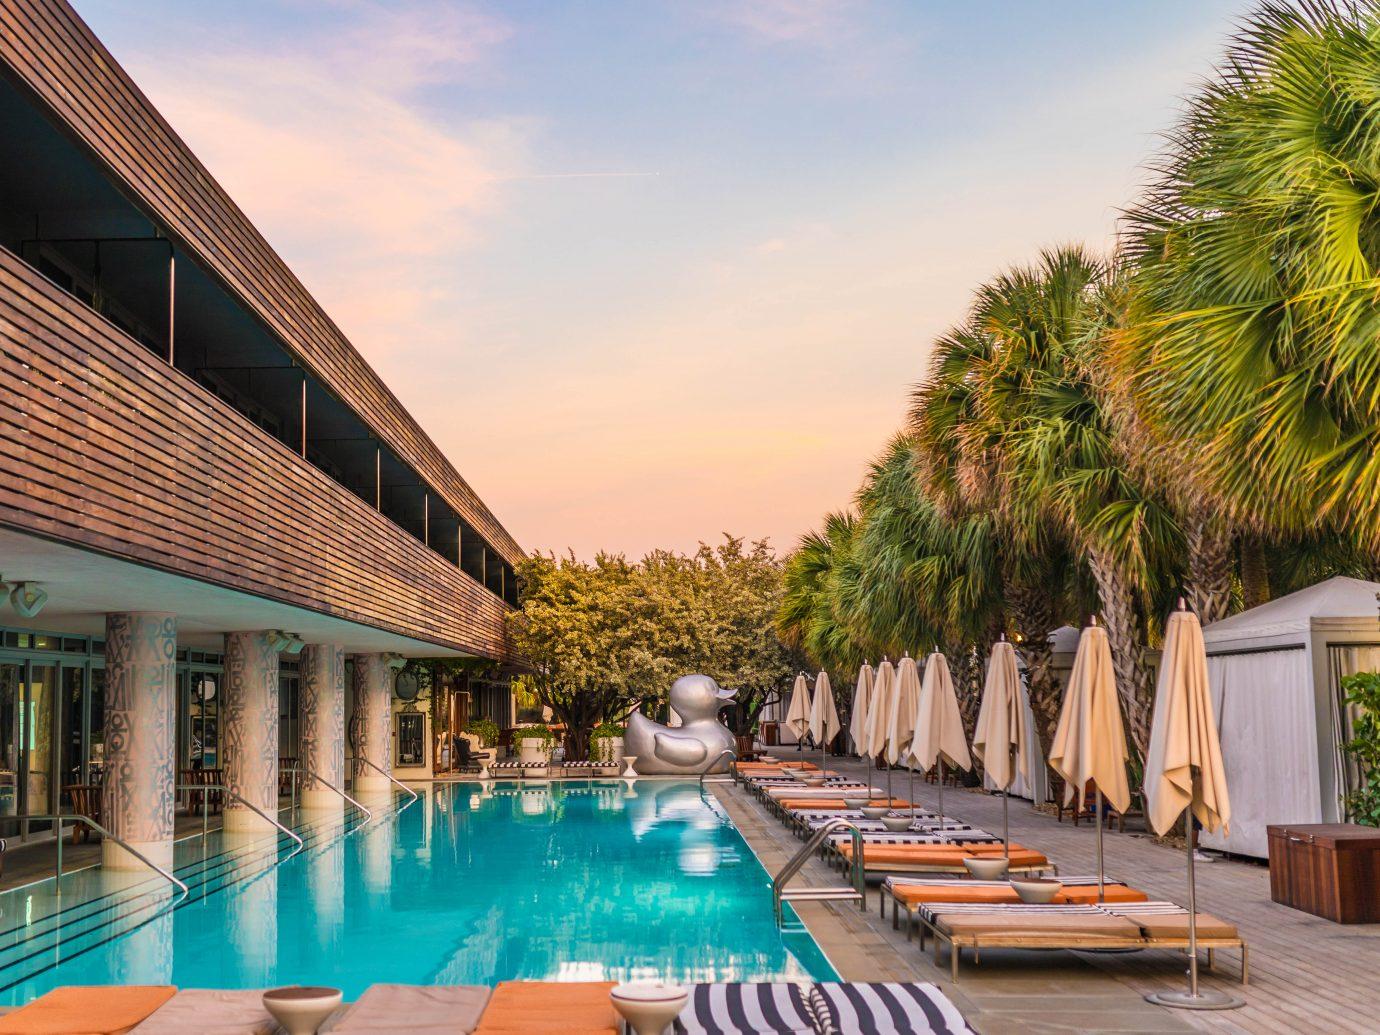 pool at SLS South Beach, Miami Beach, FL